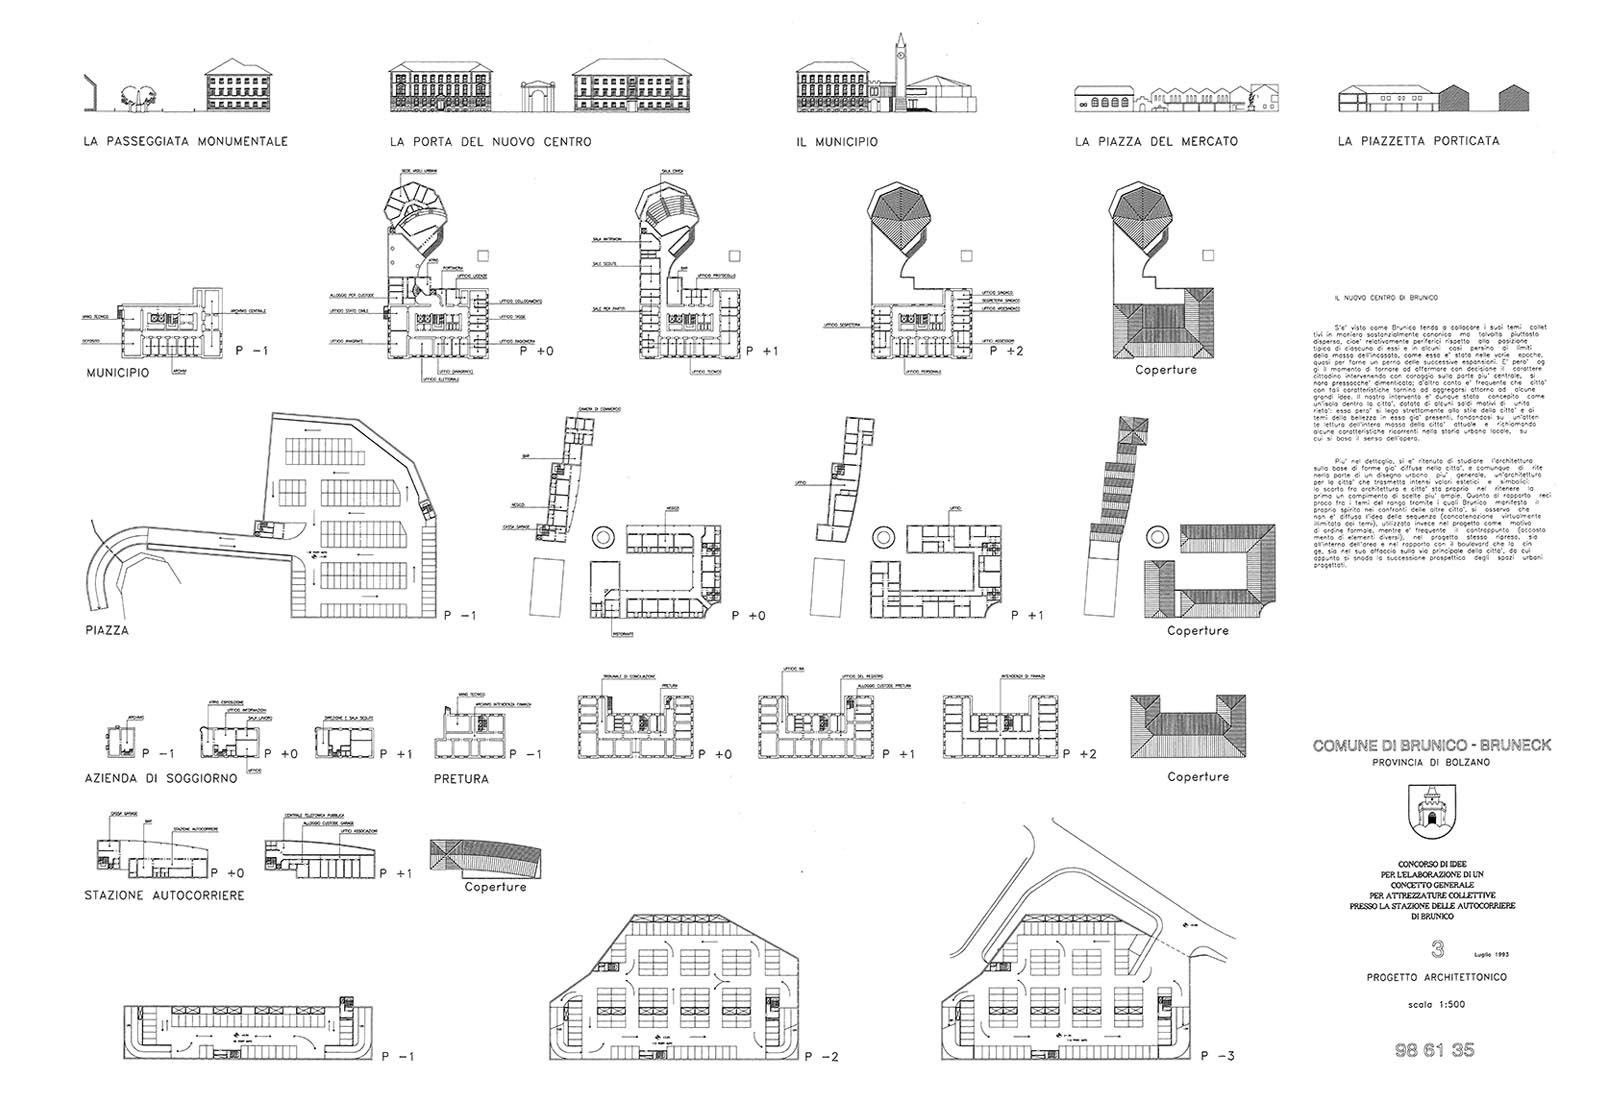 Area autocorriere Brunico - Tipologie edilizie